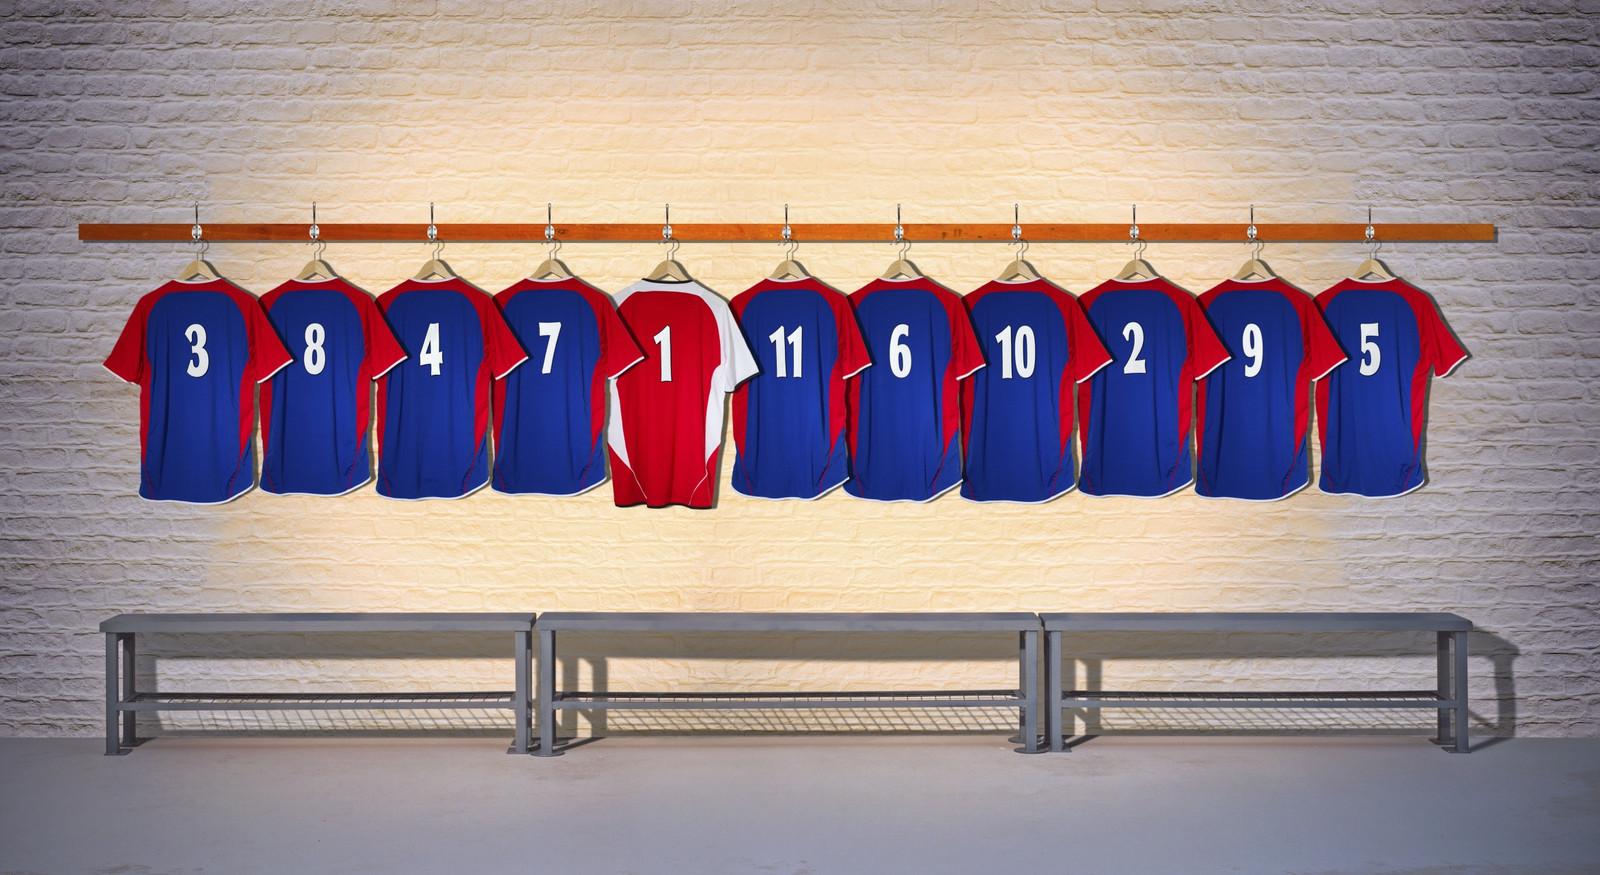 Voetbalclub SCS in Laag-Soeren kan al sinds 2016 geen team meer op de been brengen. Foto ter illustratie.